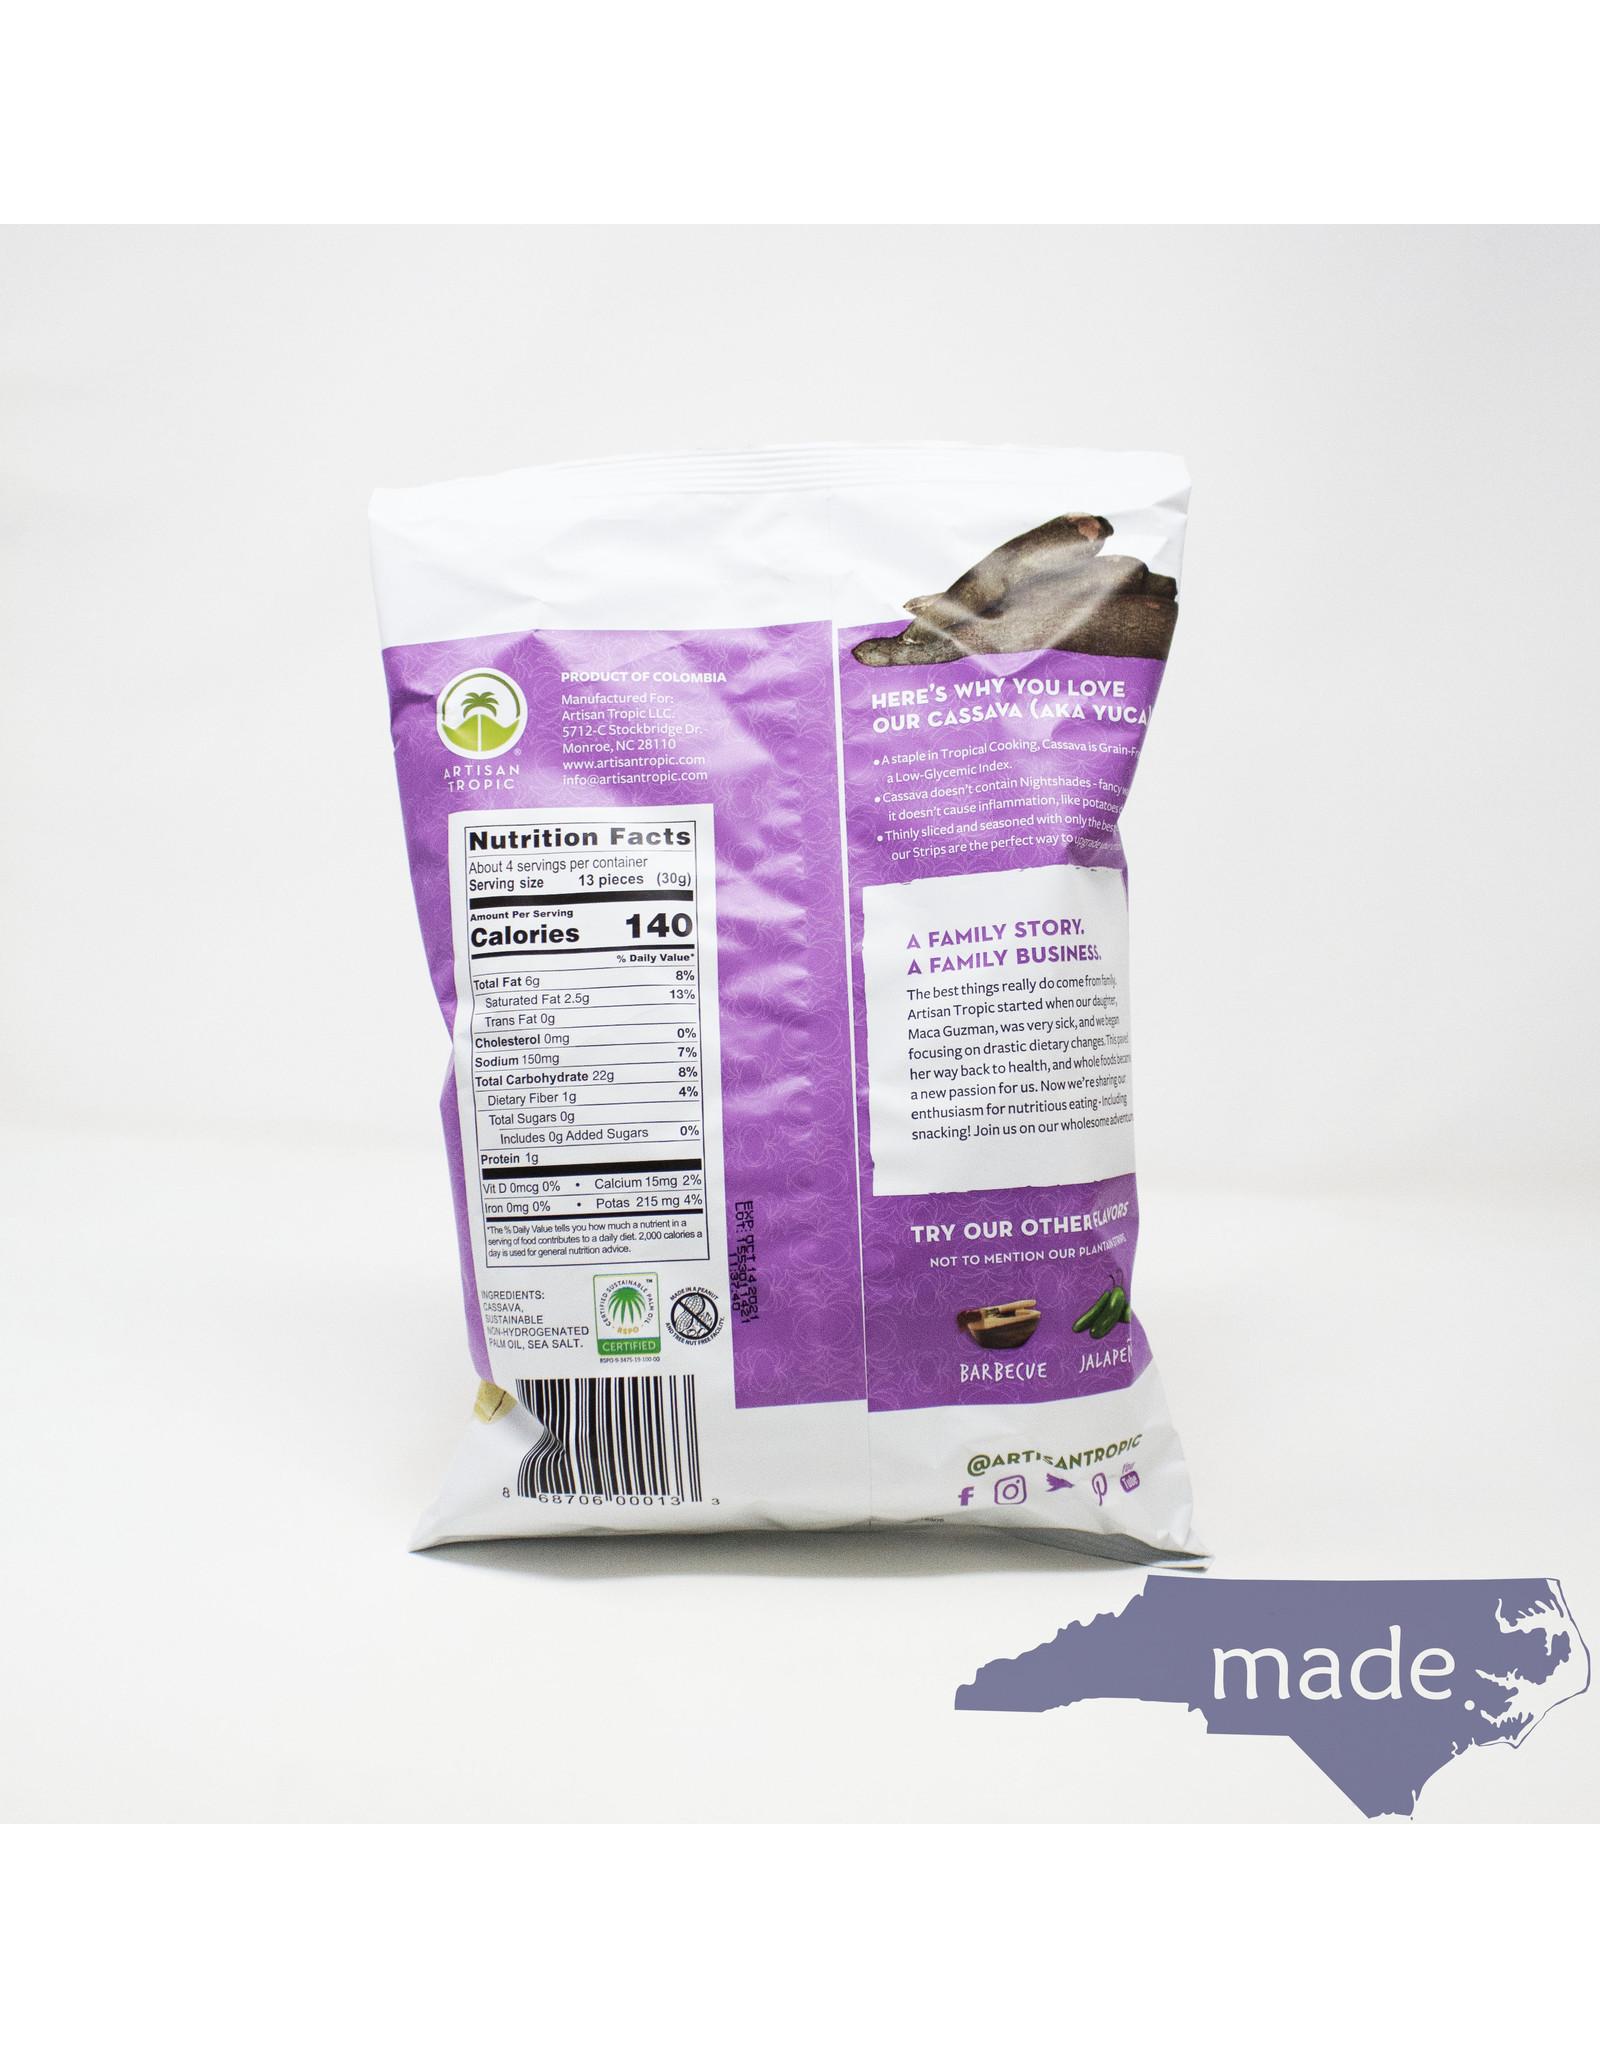 Artisan Tropic Casava Sea Salt 4.5 oz. - Artisan Tropic